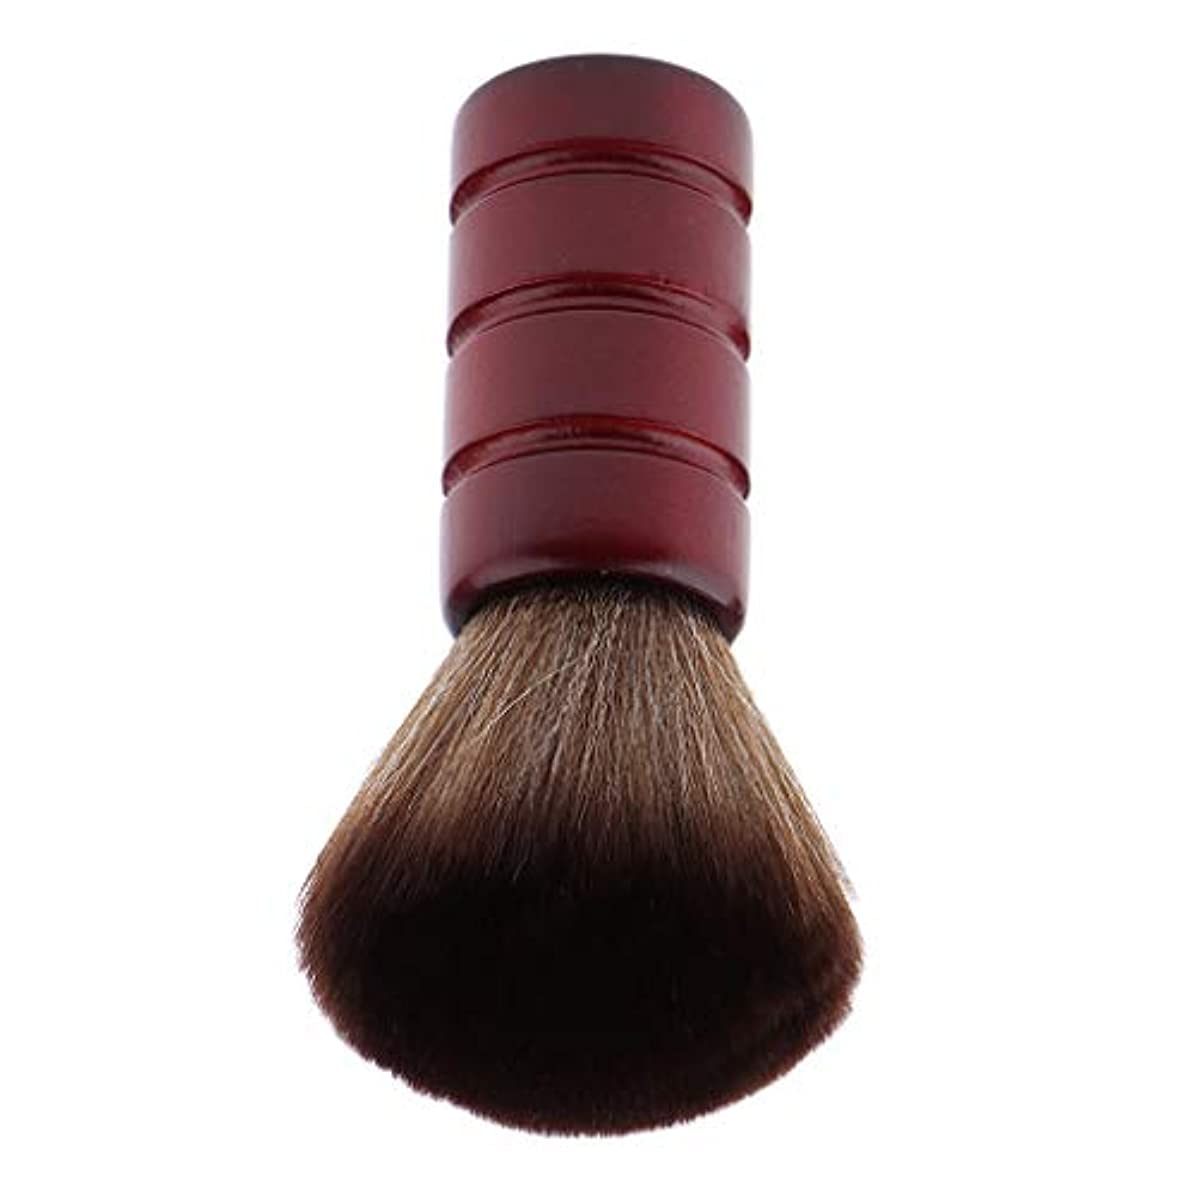 メディカル寝室を掃除する枕F Fityle バーバー ネックダスターブラシ 理髪 サロン 顔のダスターブラシ シェービング ヘアカット ブラシ